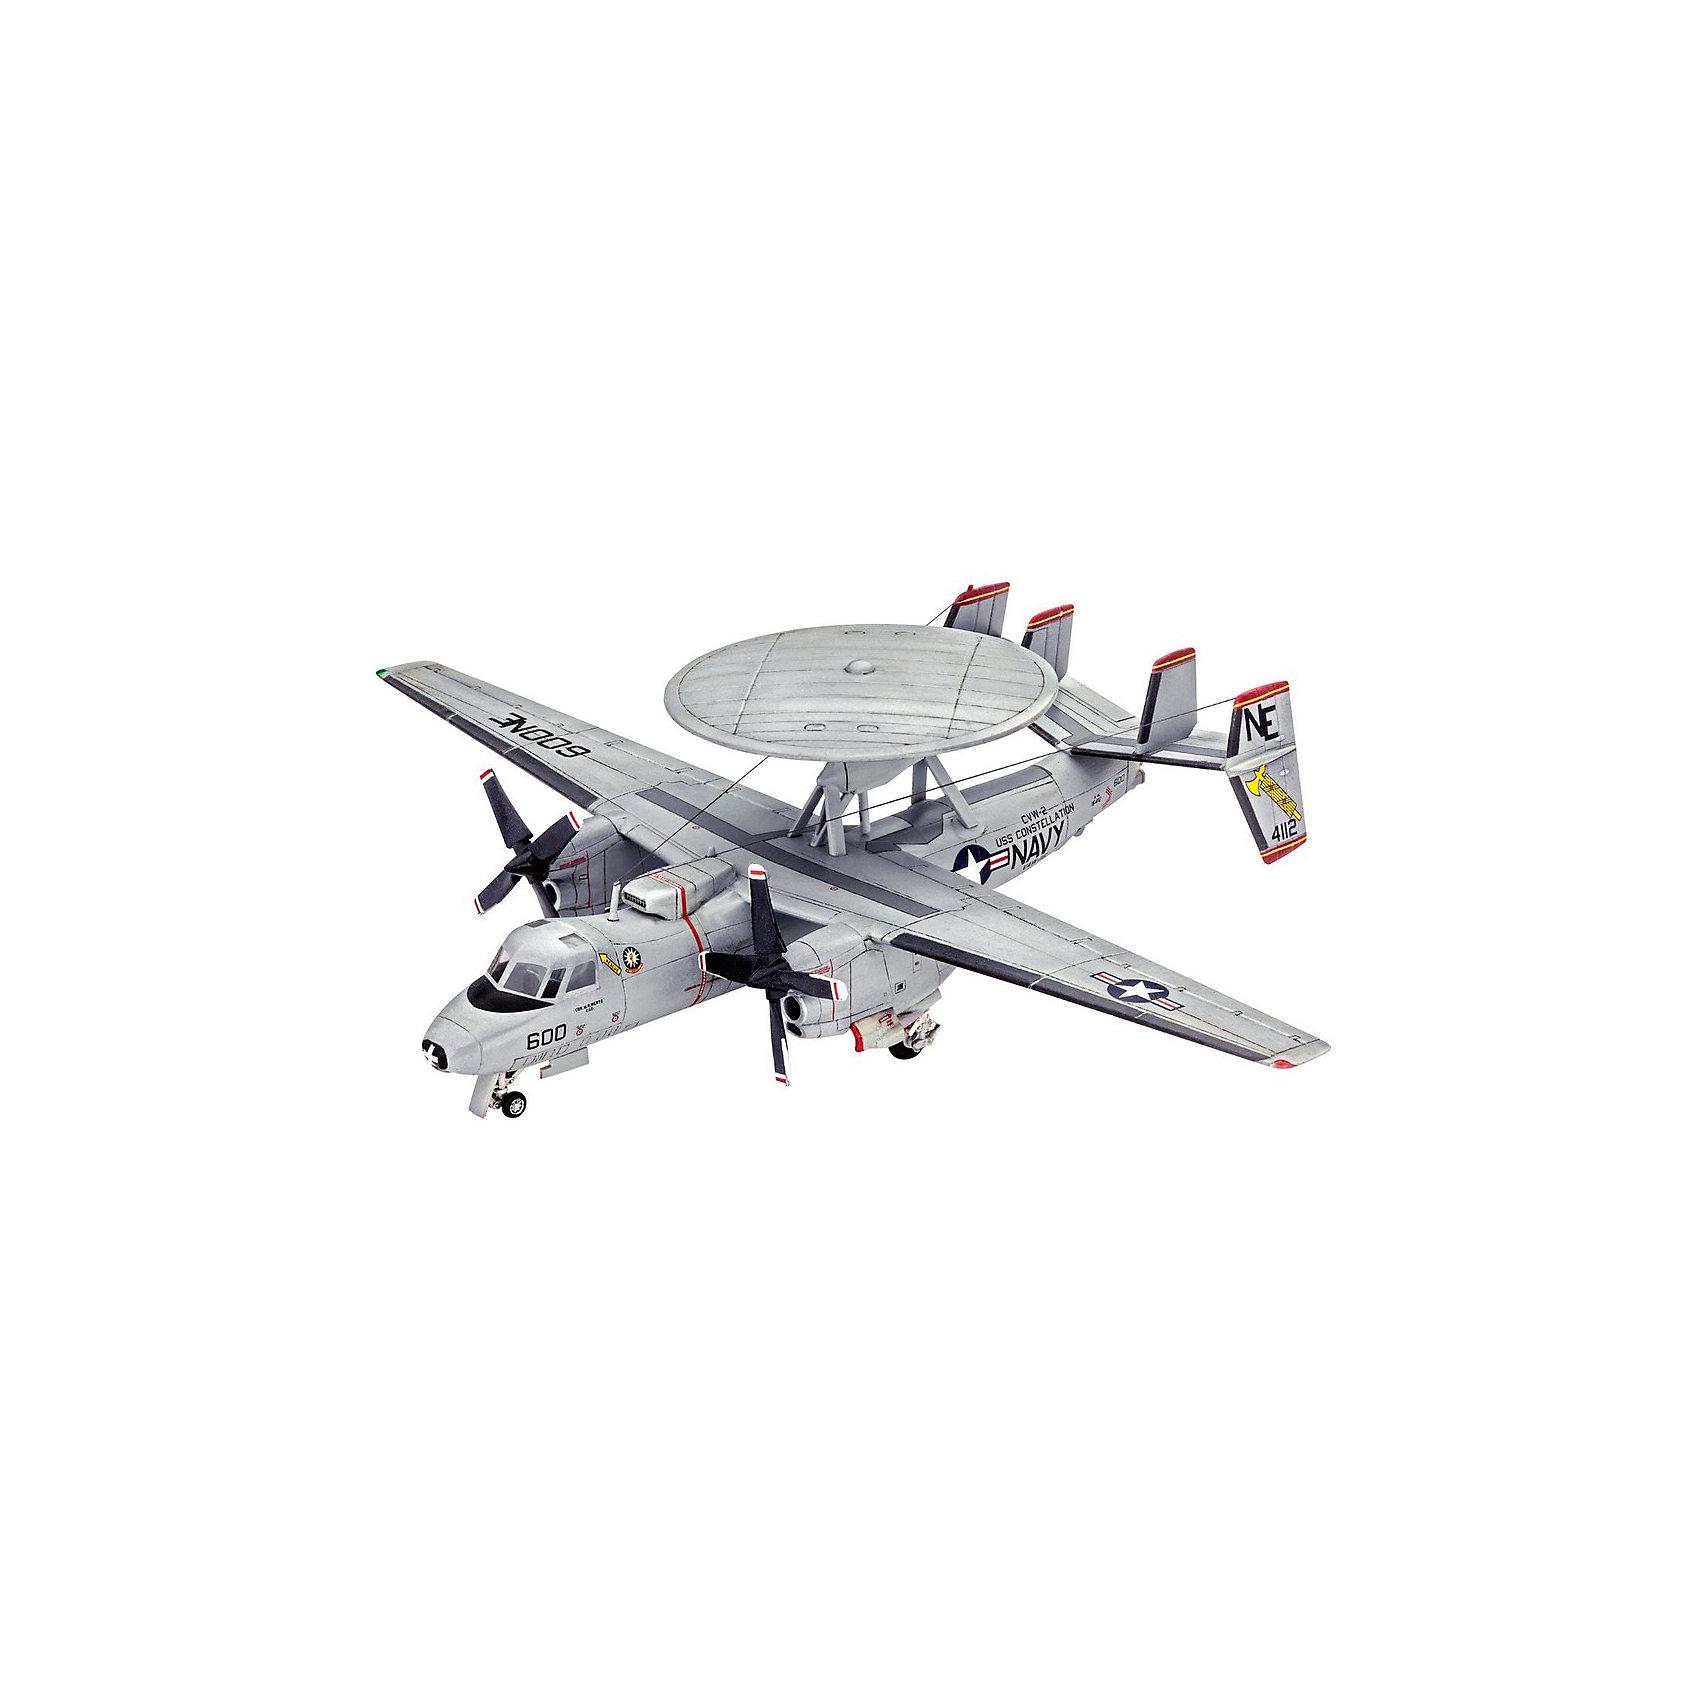 Американский самолет ДРЛО Грумман E-2С «Хокай»Модели для склеивания<br>Сборная модель американского палубного самолета Grumman E-2 Hawkeye в масштабе 1 к 144. ВМФ США использует данную машину для дальнего радиолокационного обнаружения. Кроме того самолет поставляется в ряд других стран. <br>Детали модели выполнены из пластика. Необходимо самостоятельно их склеить и затем покрасить. Клей и краски в набор не включены. Они приобретаются отдельно.  <br>В наборе 46 деталей для сборки и декали (наклейки) для создания аутентичной ливреи самолета.  <br>Модель рекомендуется для взрослых и детей в возрасте от 10 лет<br><br>Ширина мм: 9999<br>Глубина мм: 9999<br>Высота мм: 9999<br>Вес г: 9999<br>Возраст от месяцев: 120<br>Возраст до месяцев: 2147483647<br>Пол: Мужской<br>Возраст: Детский<br>SKU: 7122364